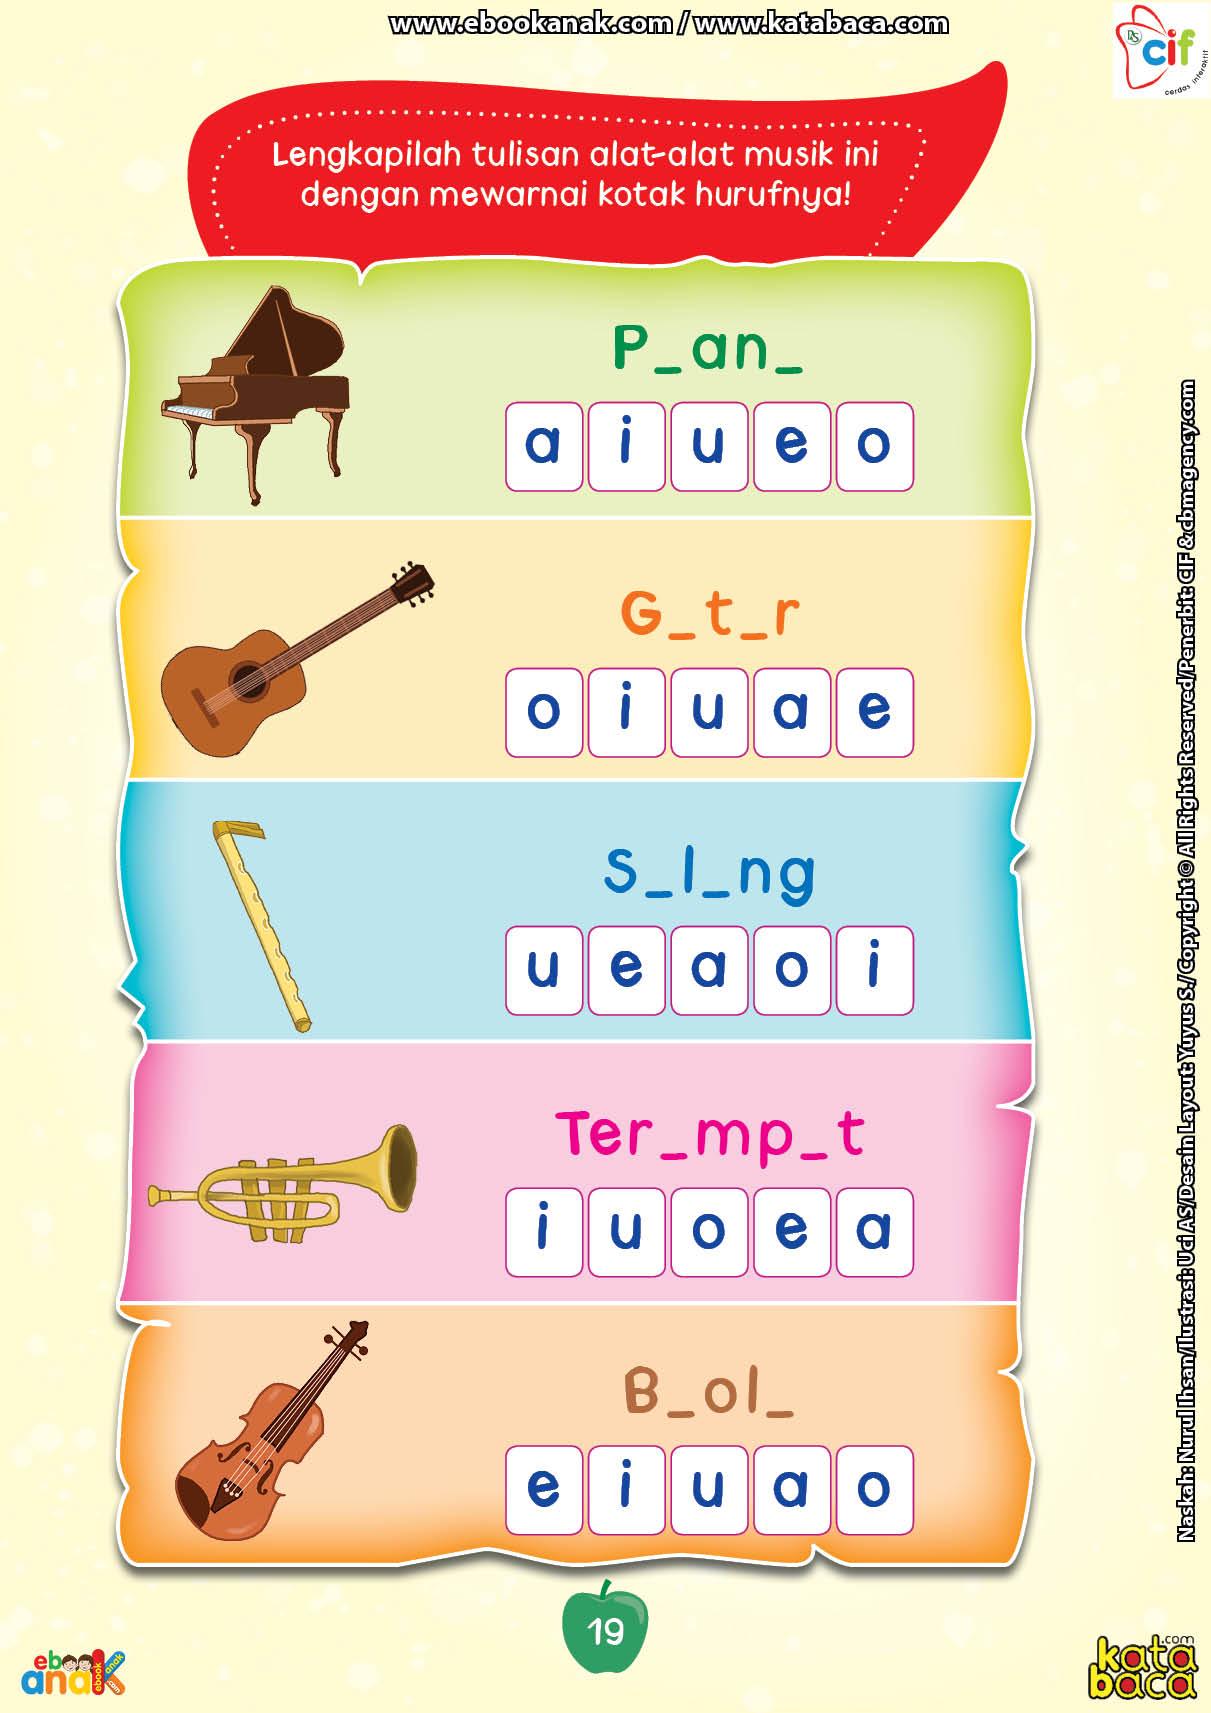 baca buku online brain games calistung19 Melengkapi Nama-Nama Alat Musik dan Mewarnainya